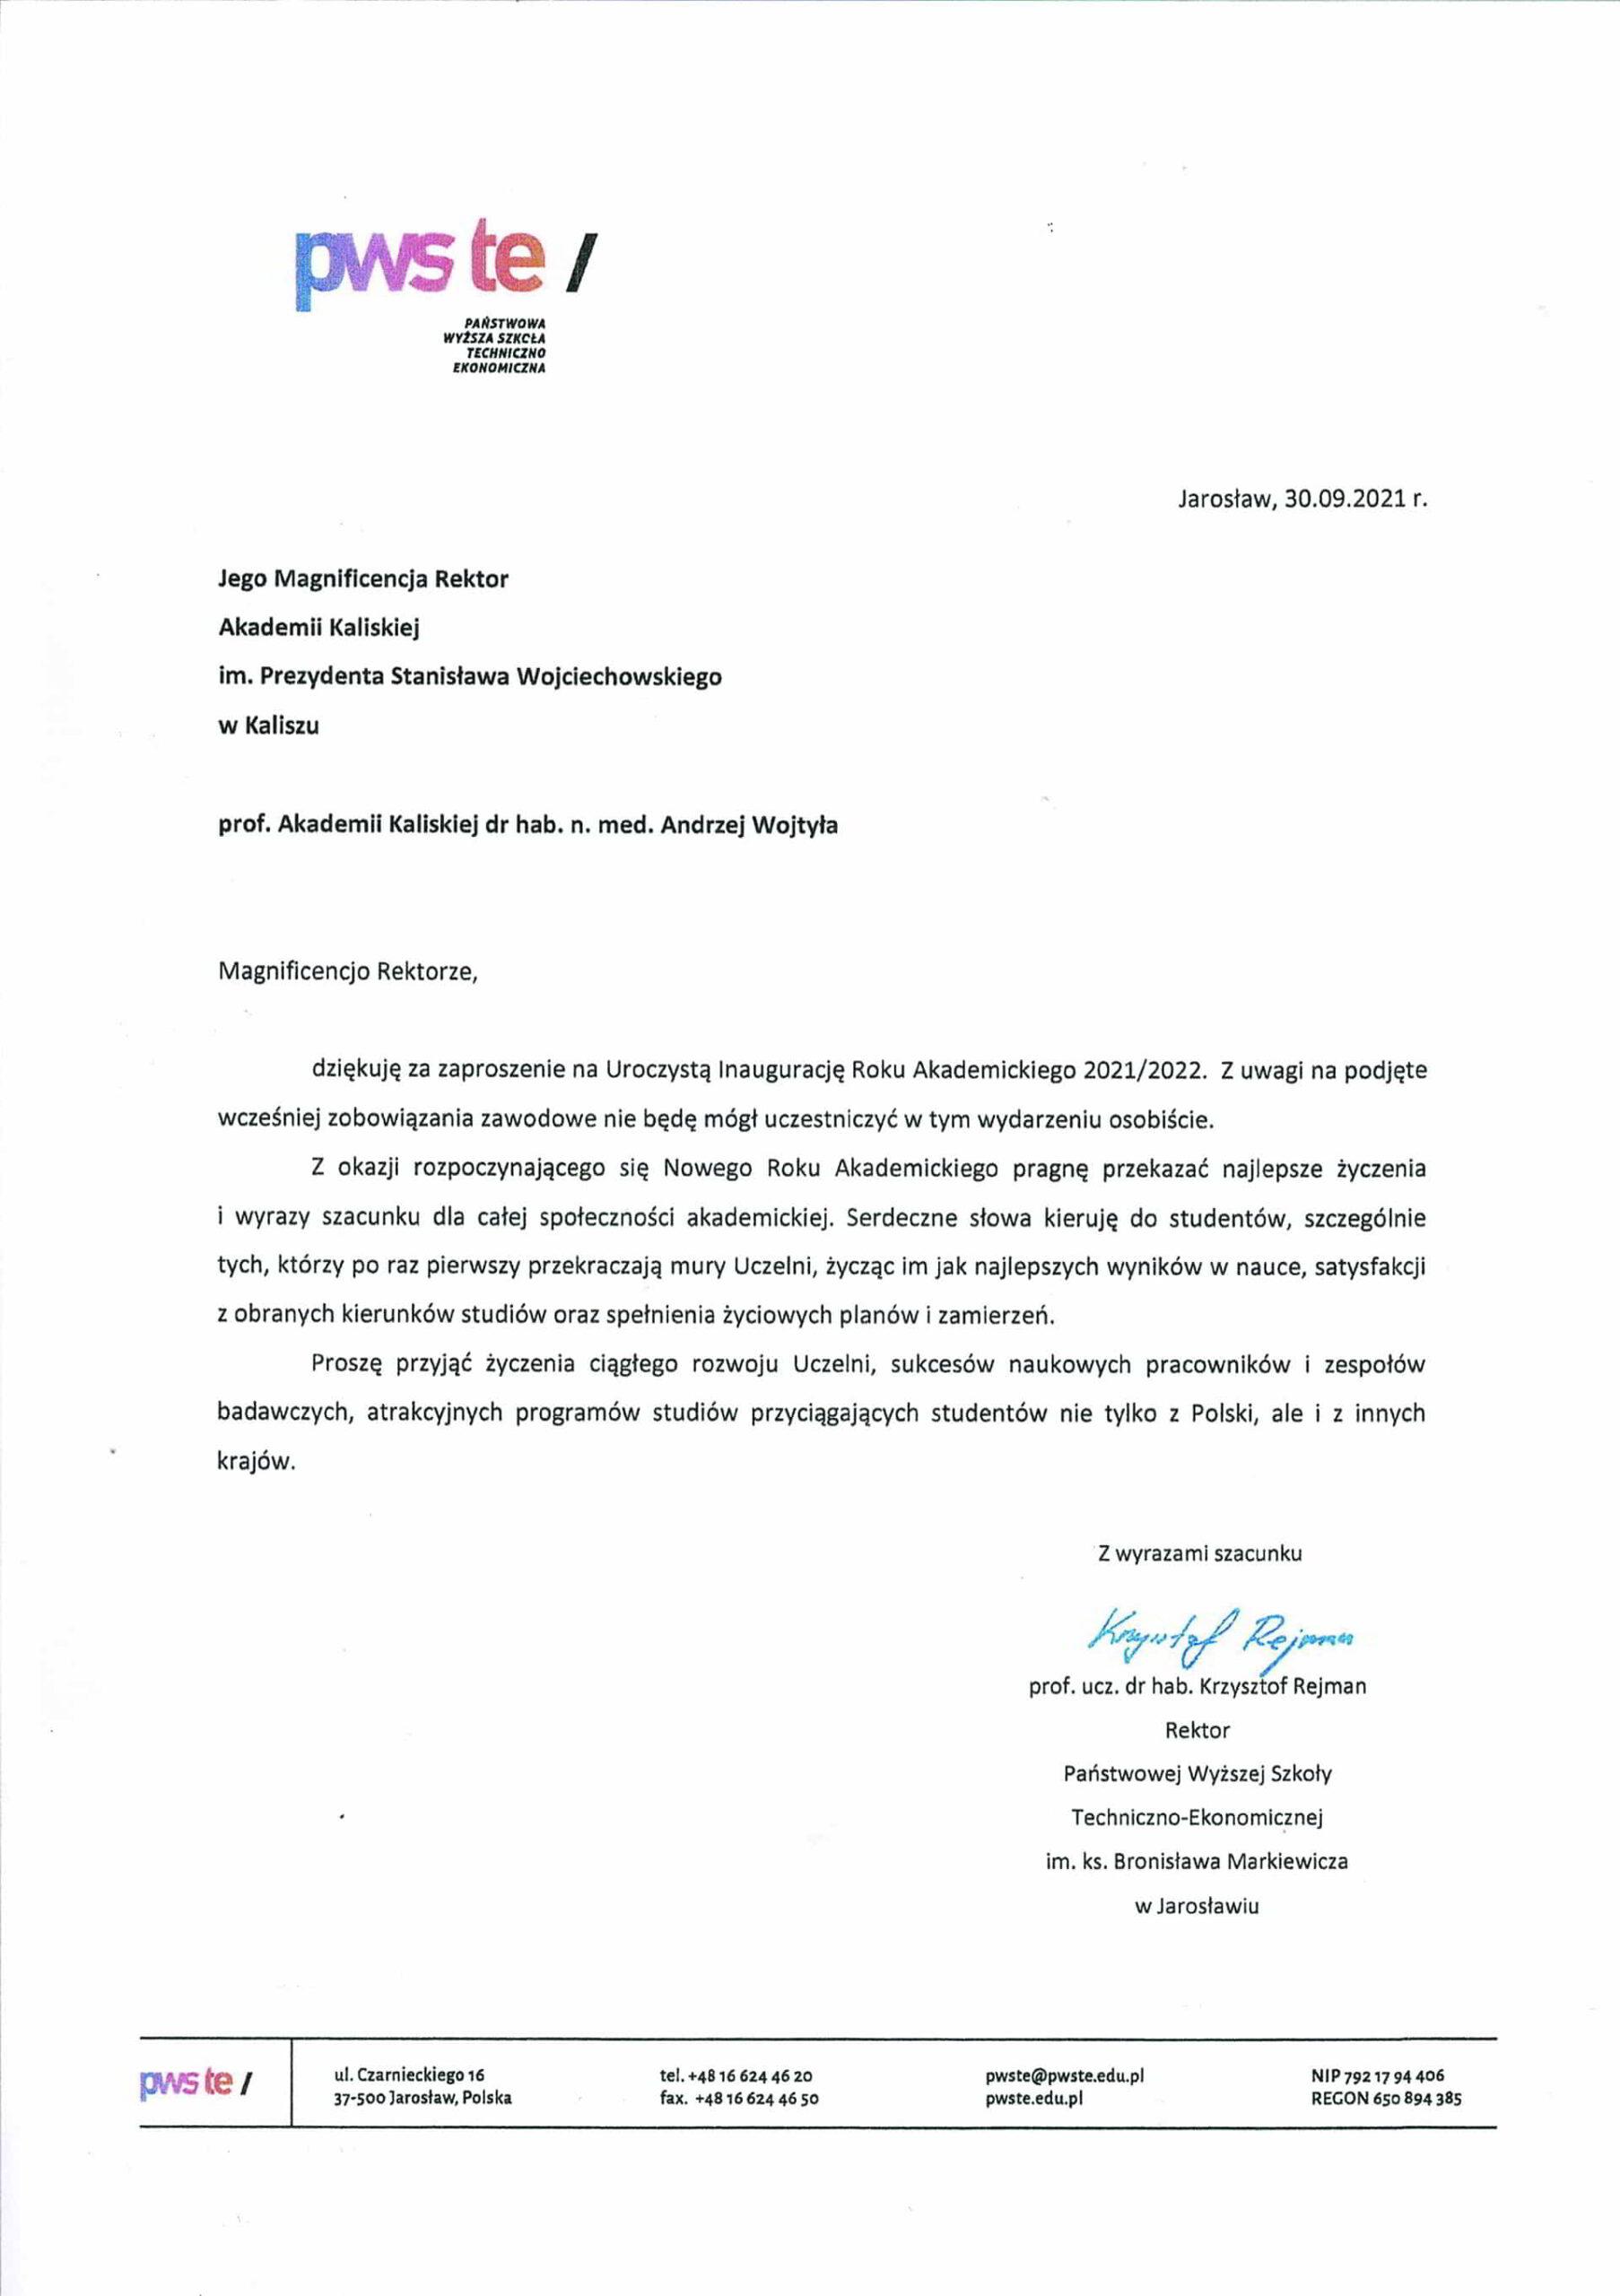 życzenia inauguracja roku akademickiego 2021/2022 Rektor PWSTE w Jarosławiu